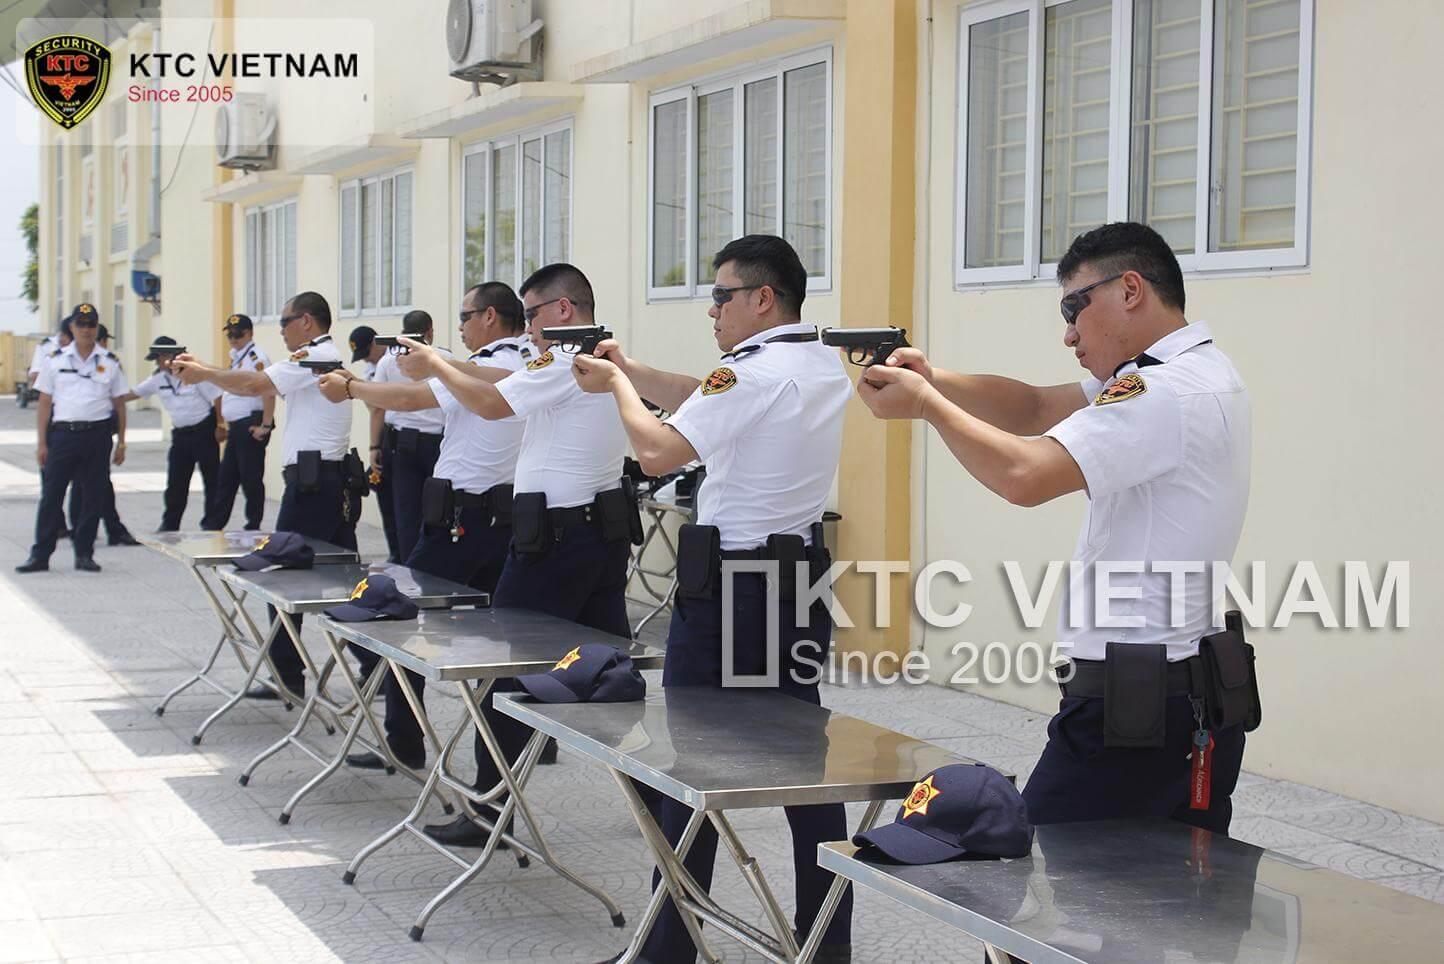 KTC Vietnam 2020 23